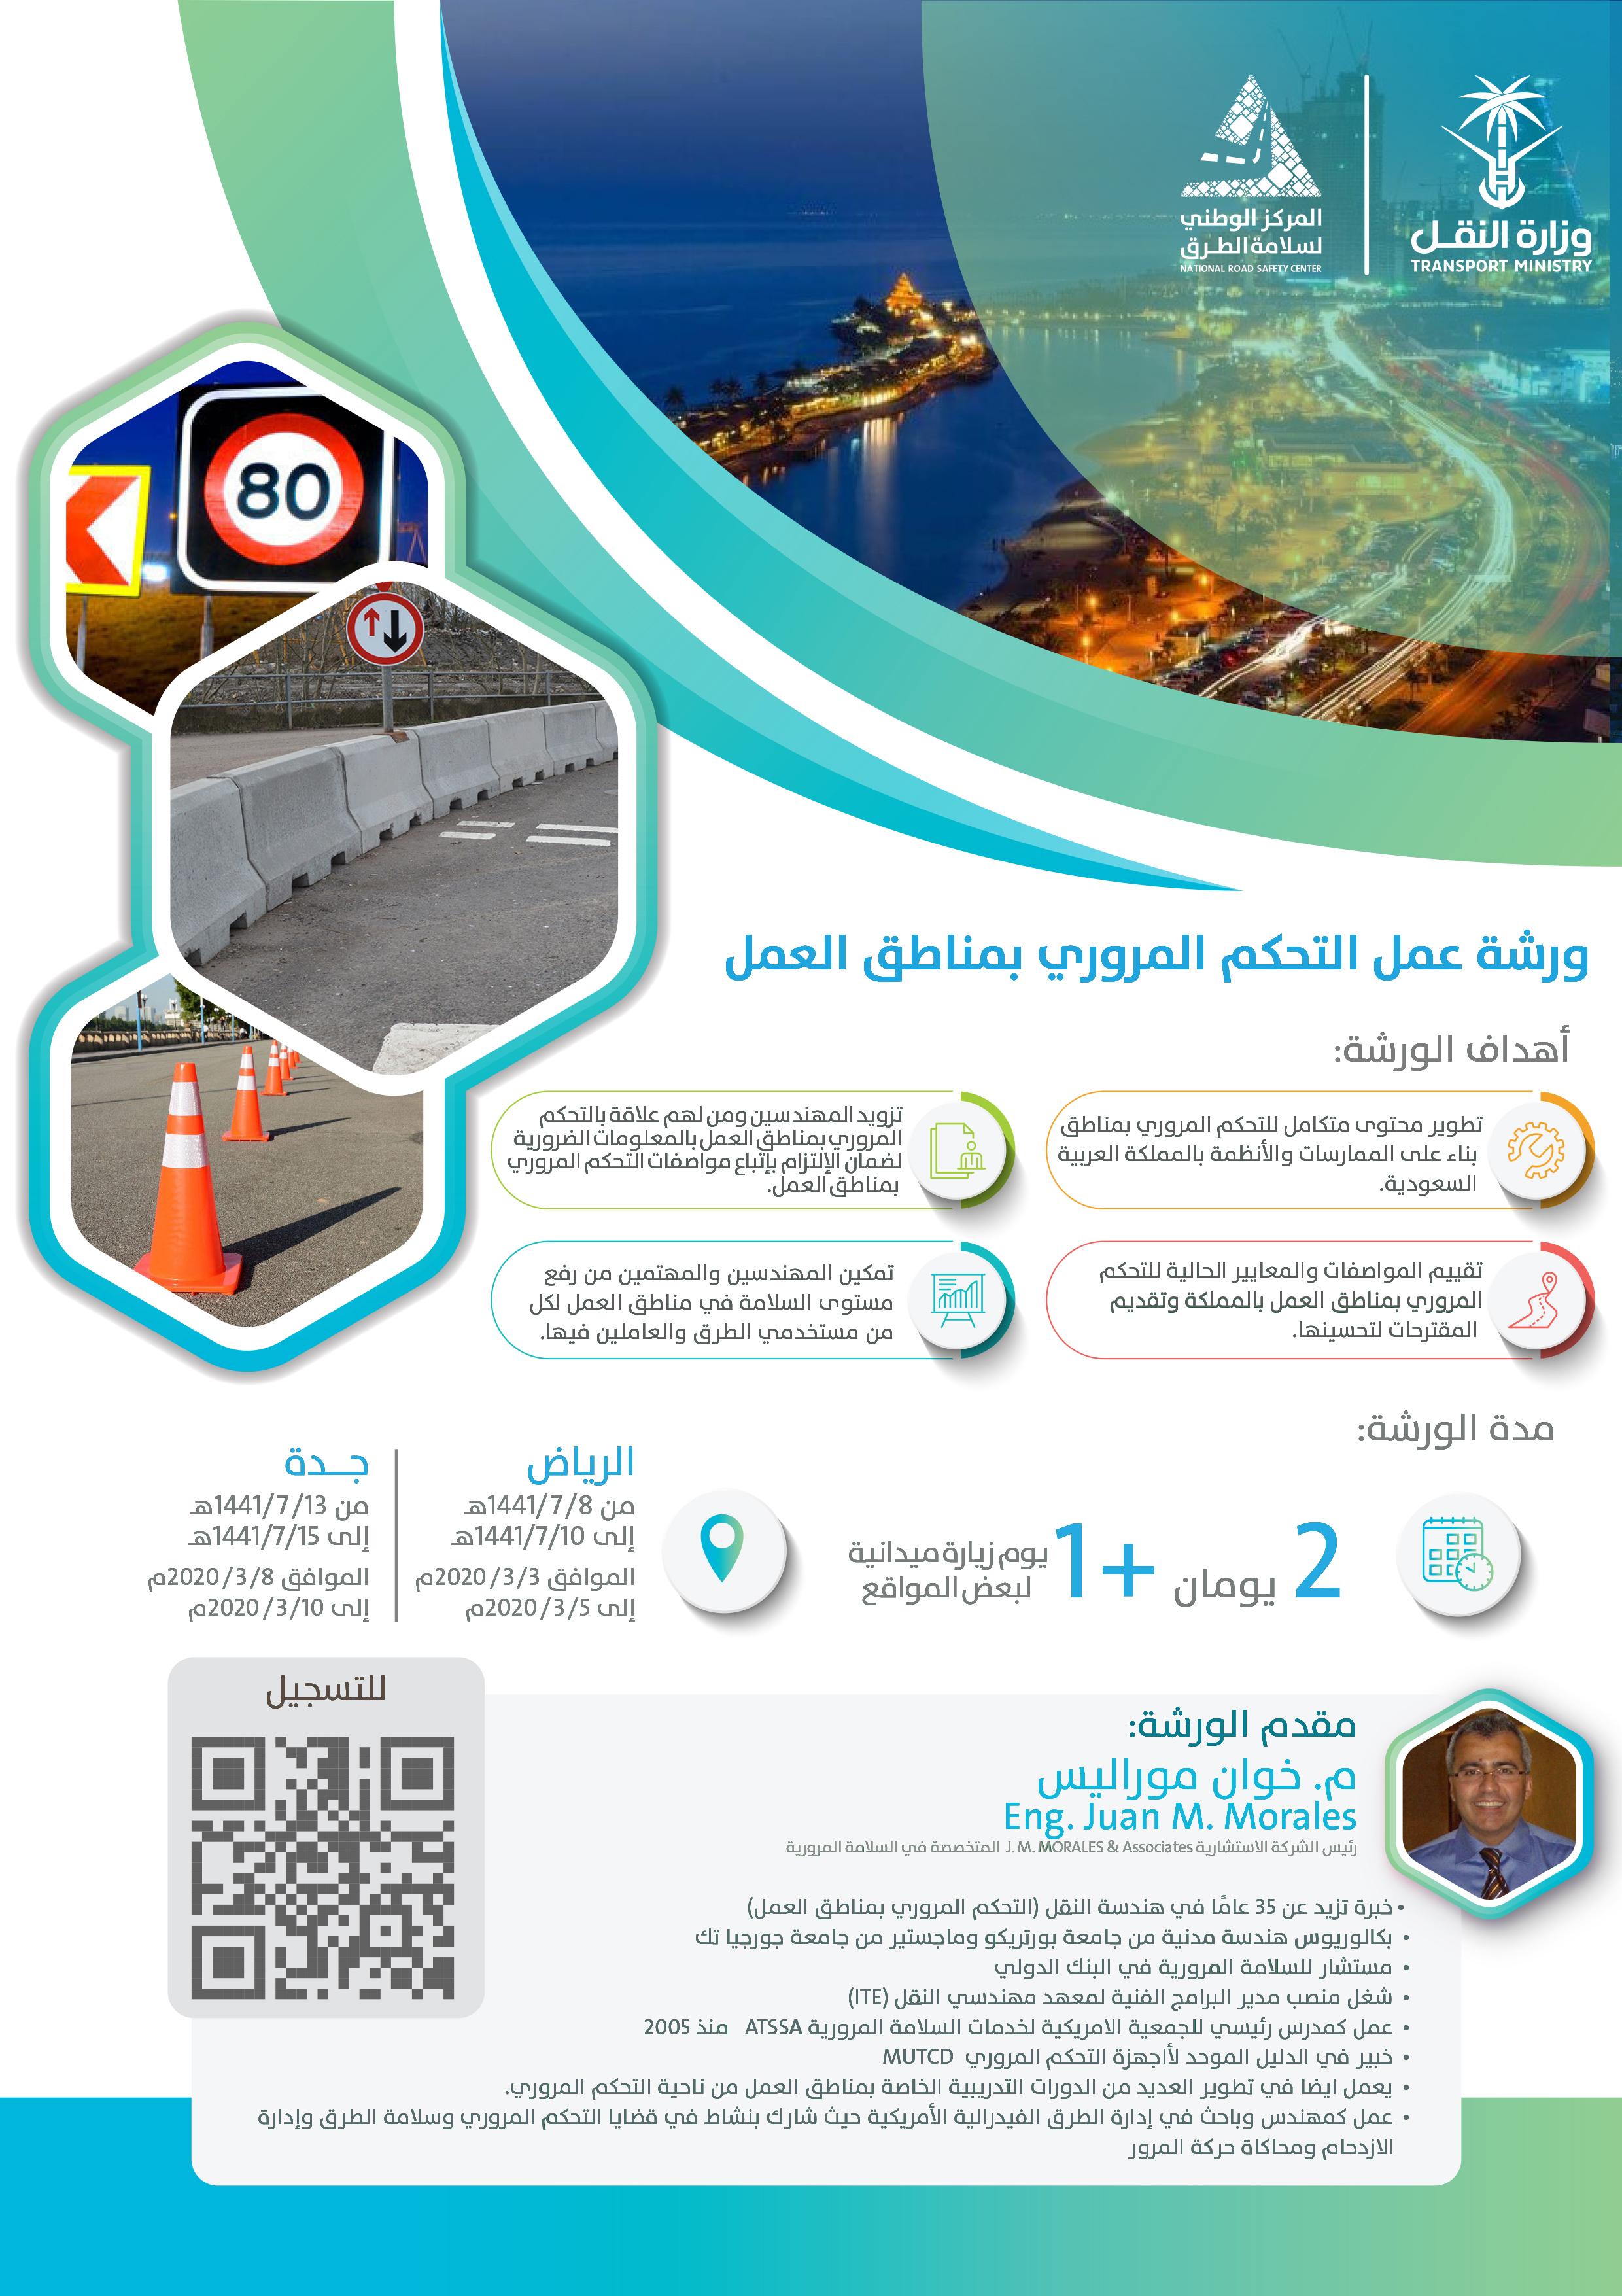 ورشة التحكم المروري -المركز الوطني